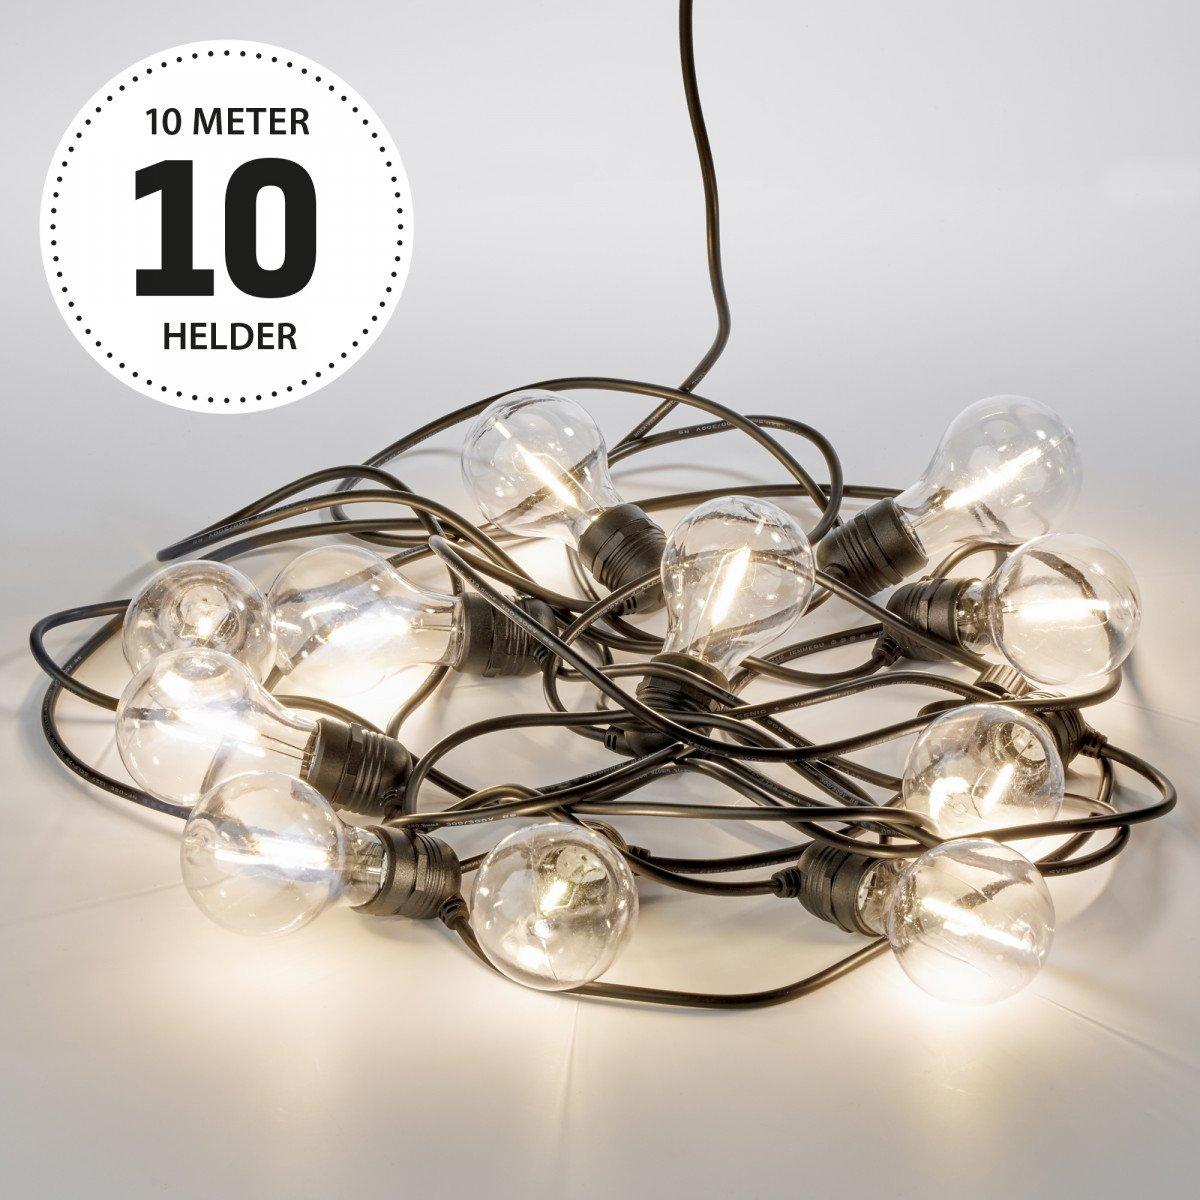 Party 10m Lichterkette klar Inkl. LEDs - 10 Meter / 15 Leuchtmittel